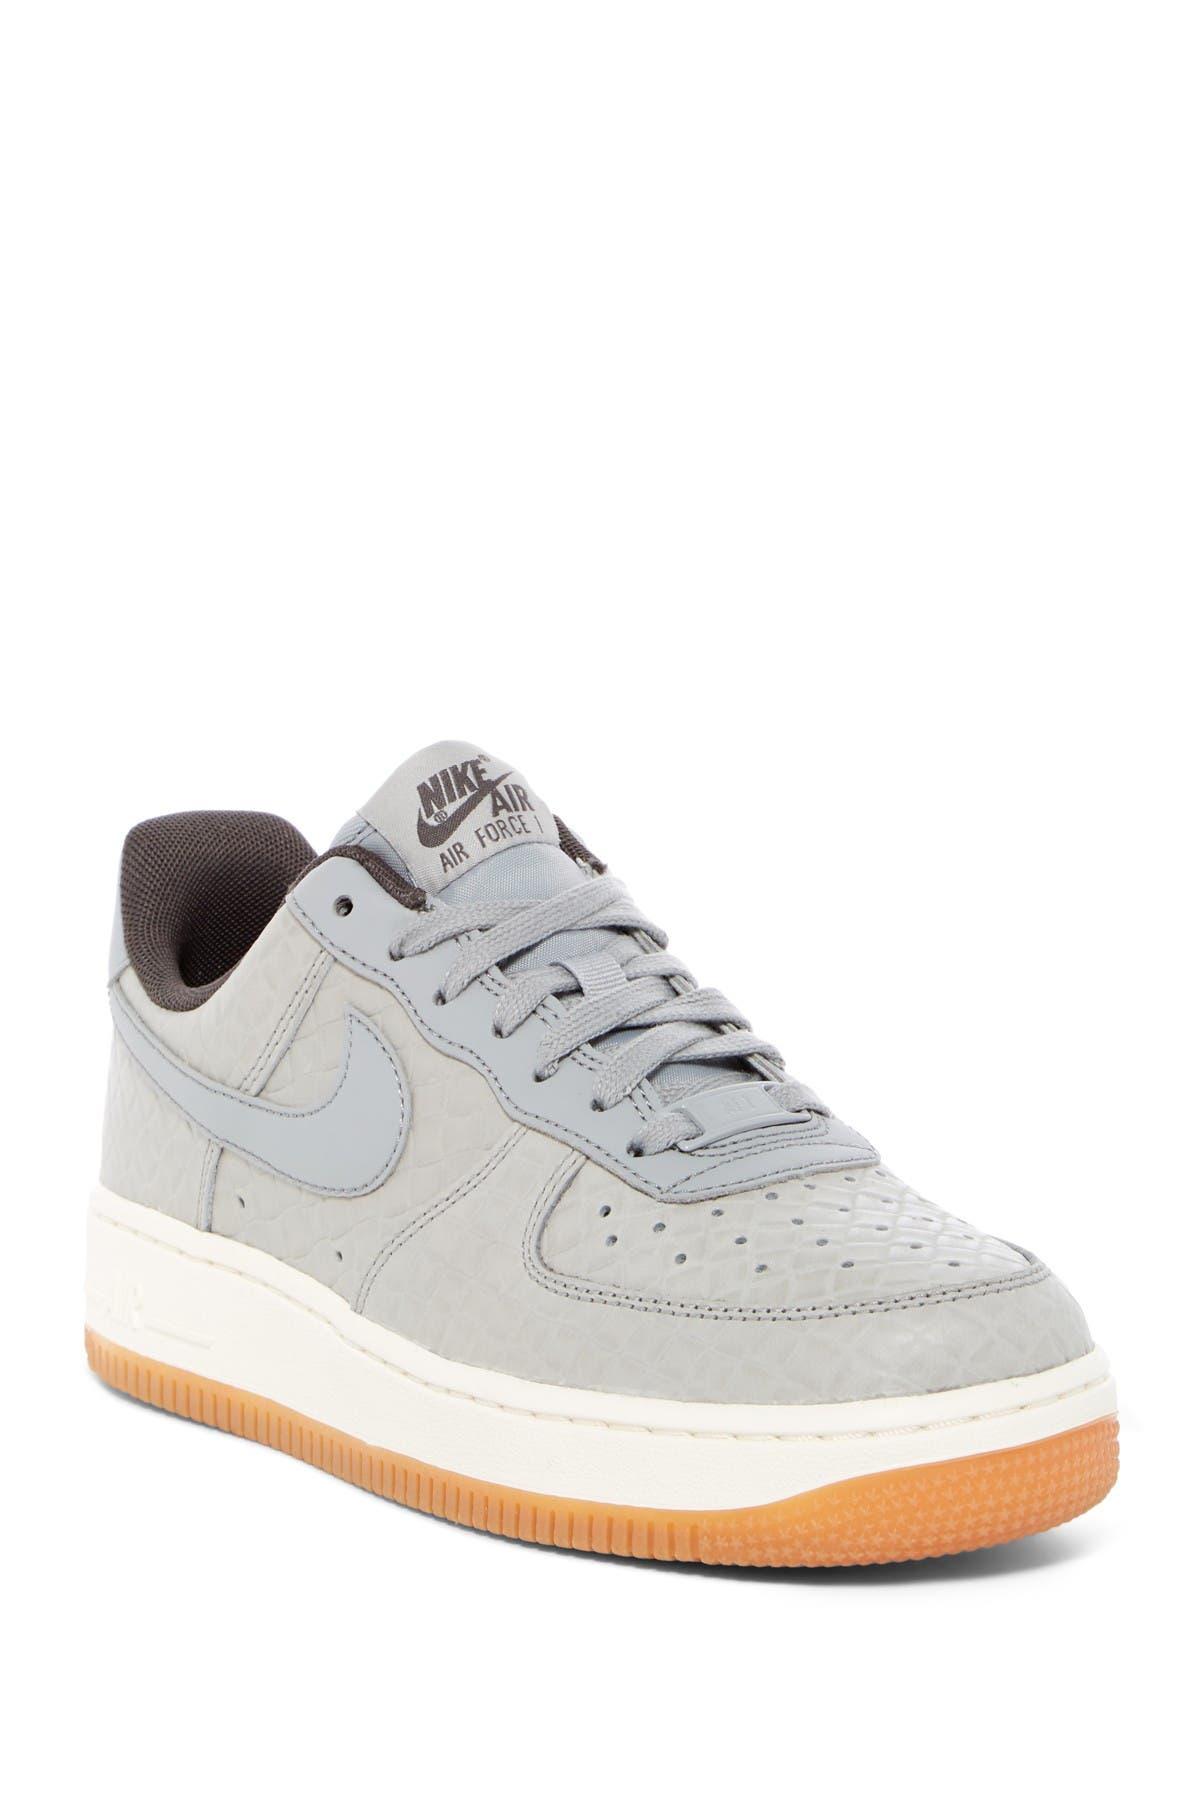 Nike | Air Force 1 '07 Premium Sneaker